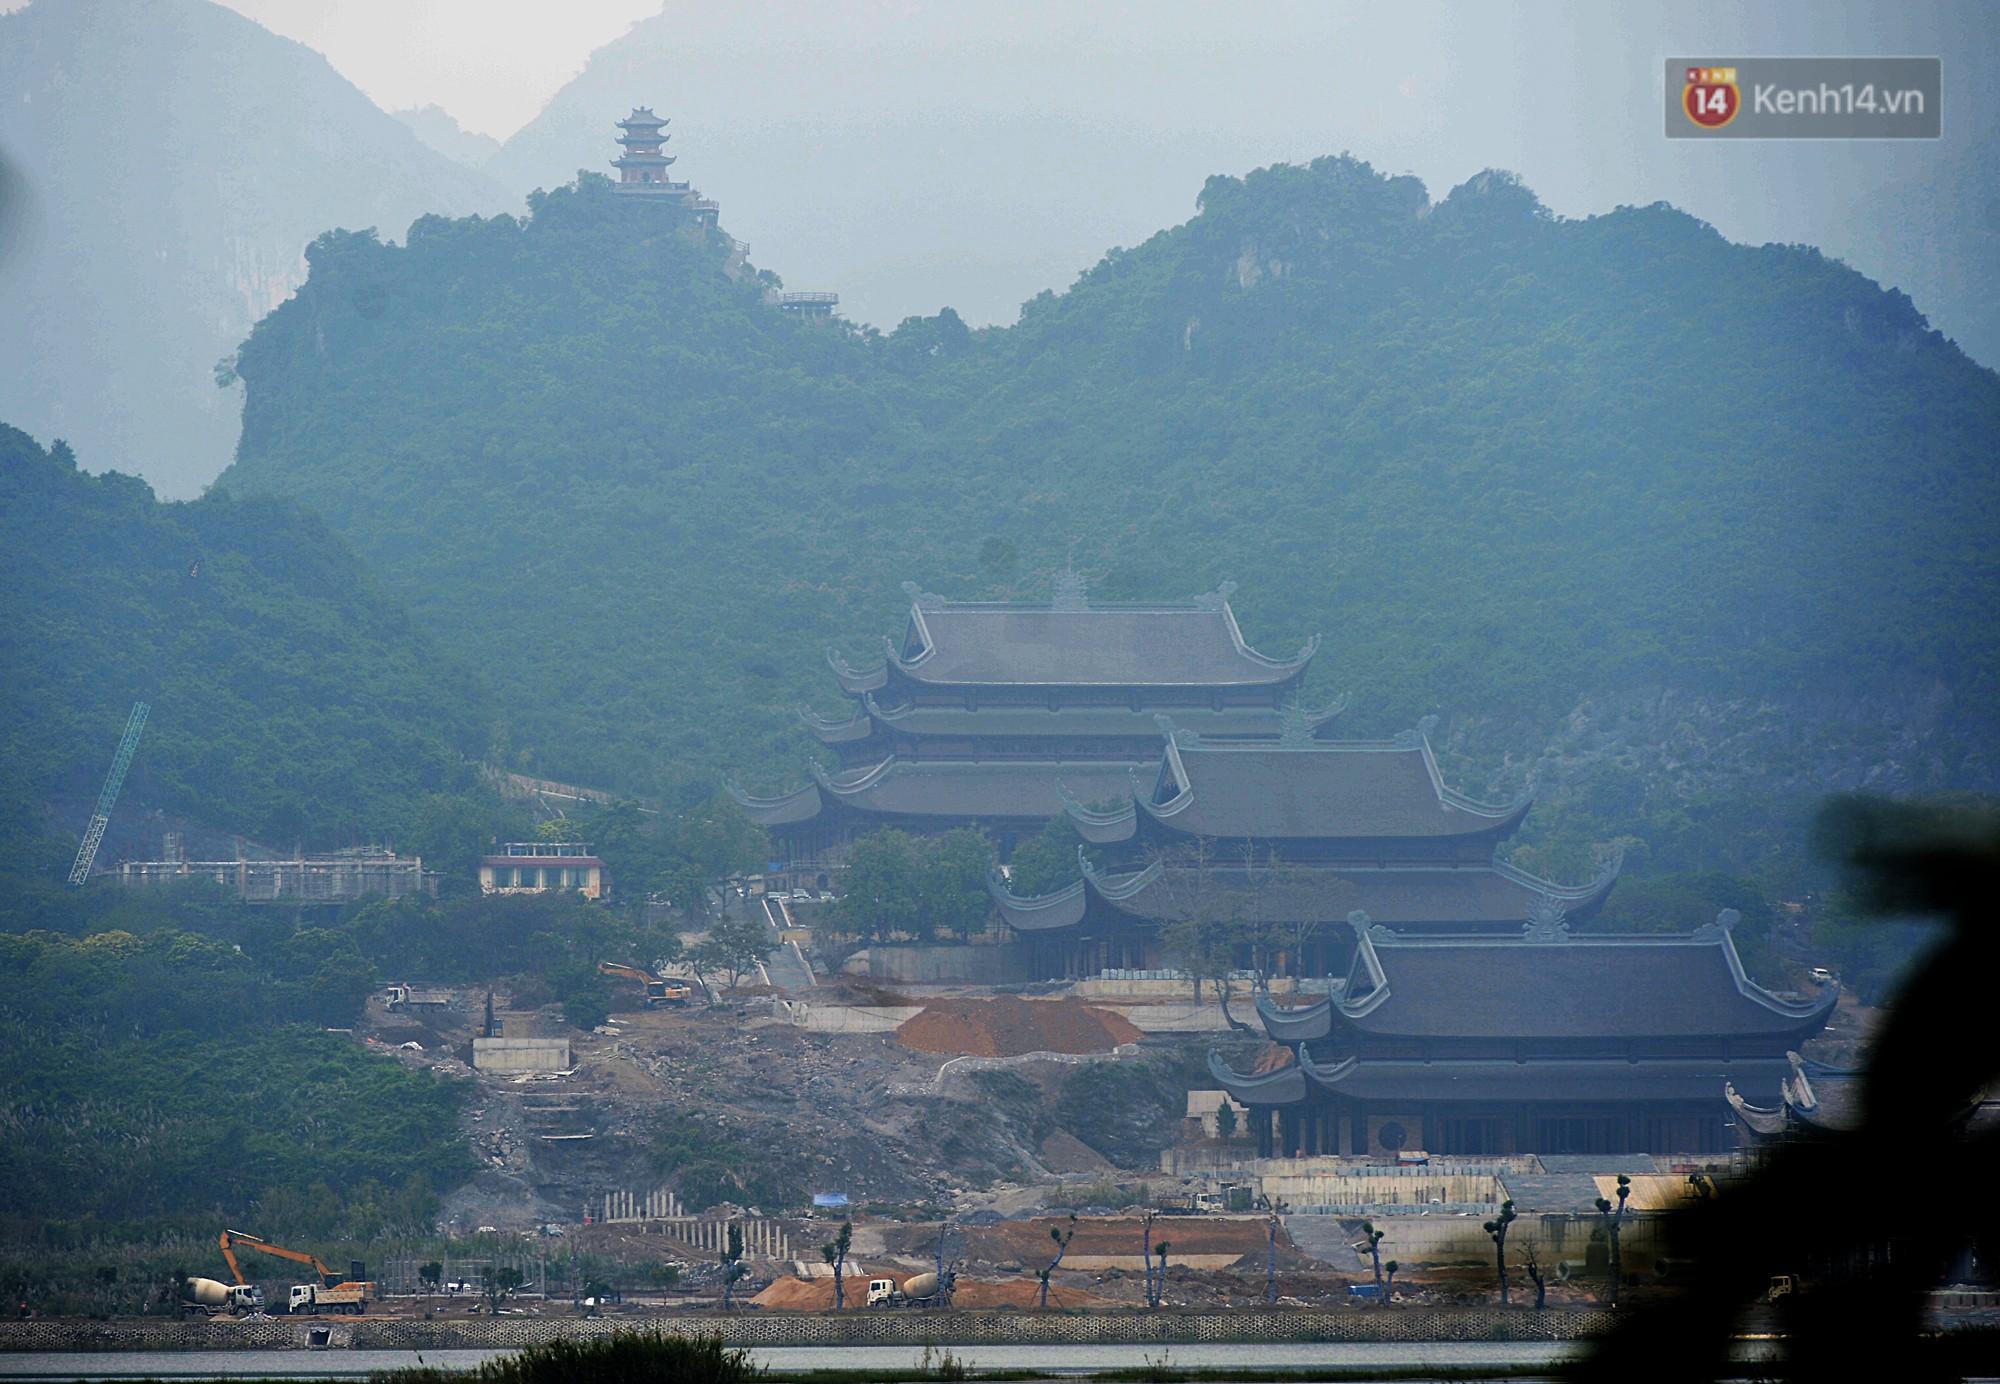 Cận cảnh ngôi chùa lớn nhất Việt Nam - Nơi sẽ đặt báu vật thiên thạch